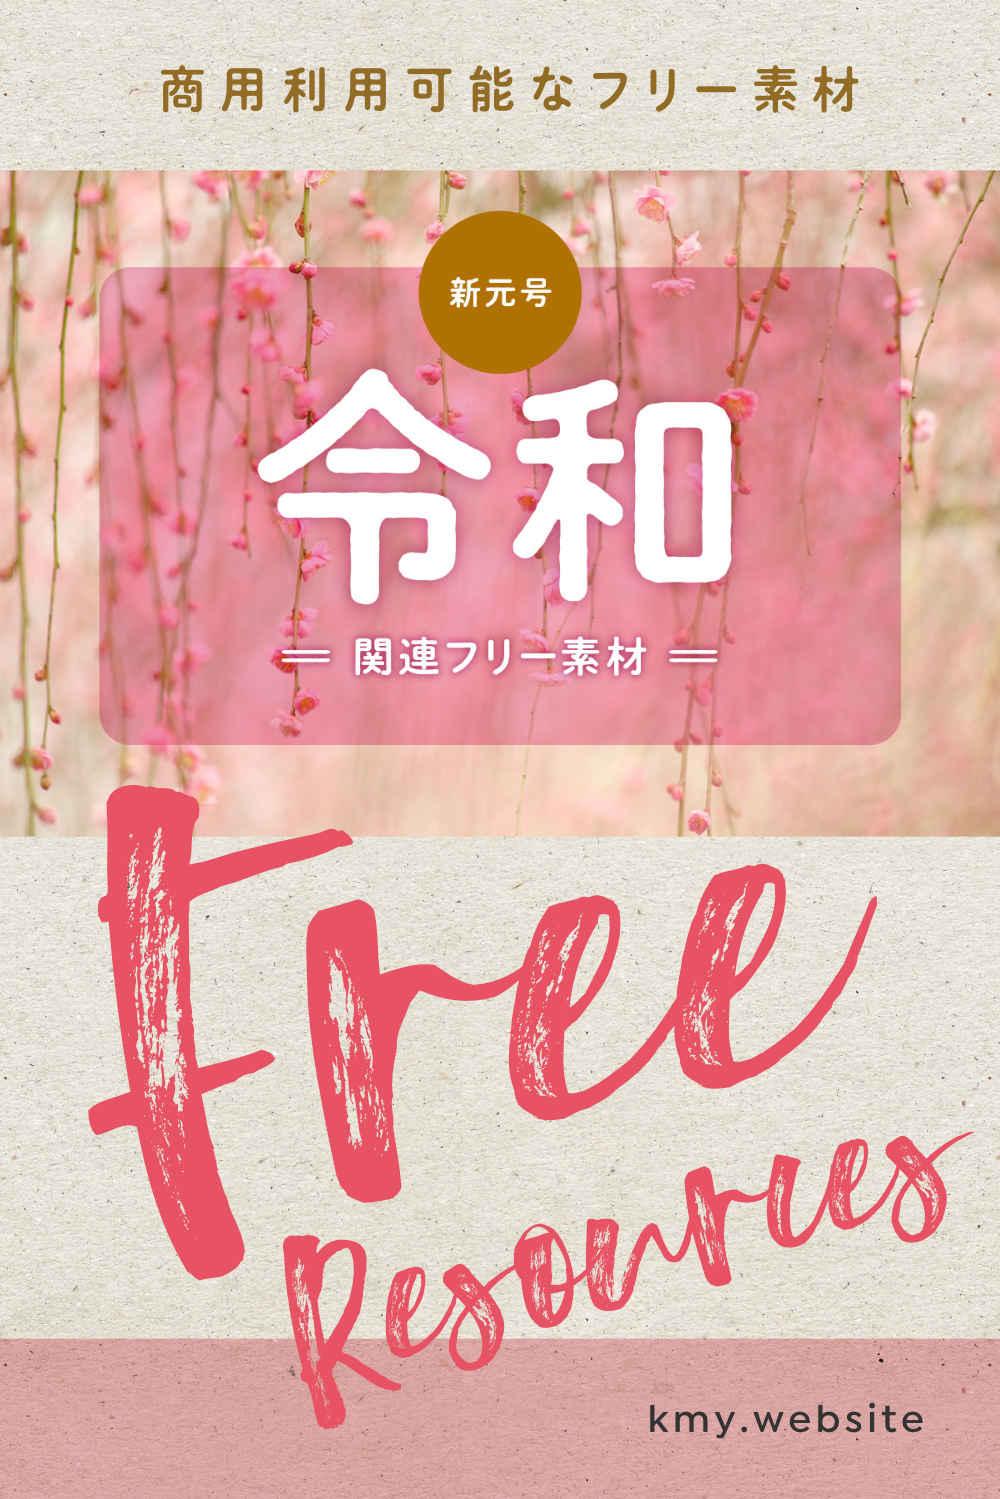 新元号「令和」のフリーデザイン素材/梅や平成など関連イラスト・写真素材も紹介【商用利用可能】